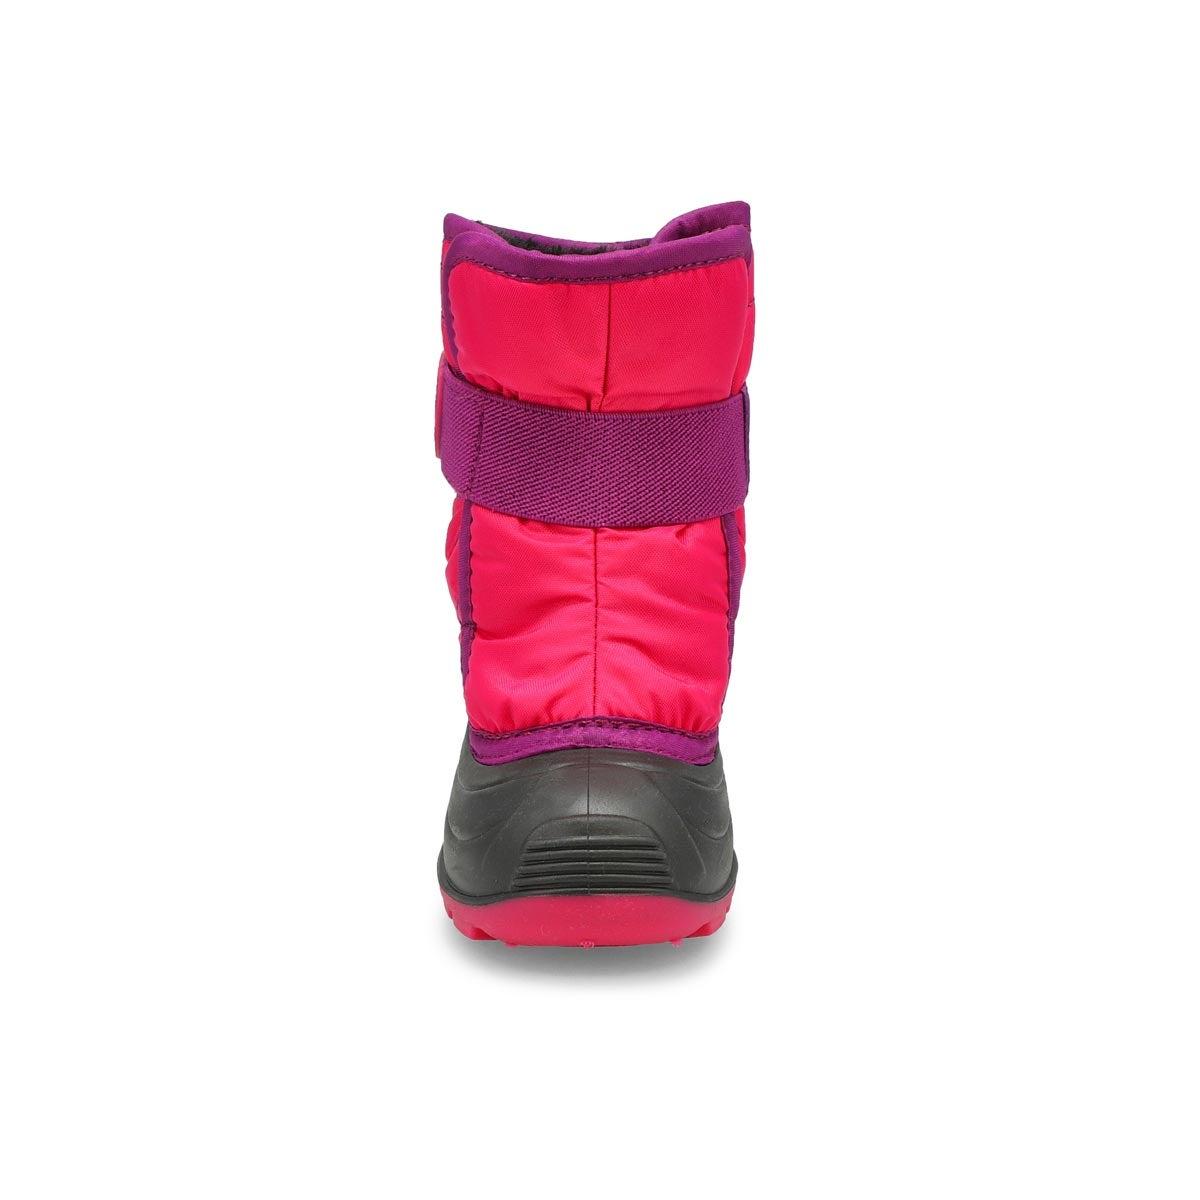 Infants' Snowbug 3 Waterproof Winter Boot - Rose